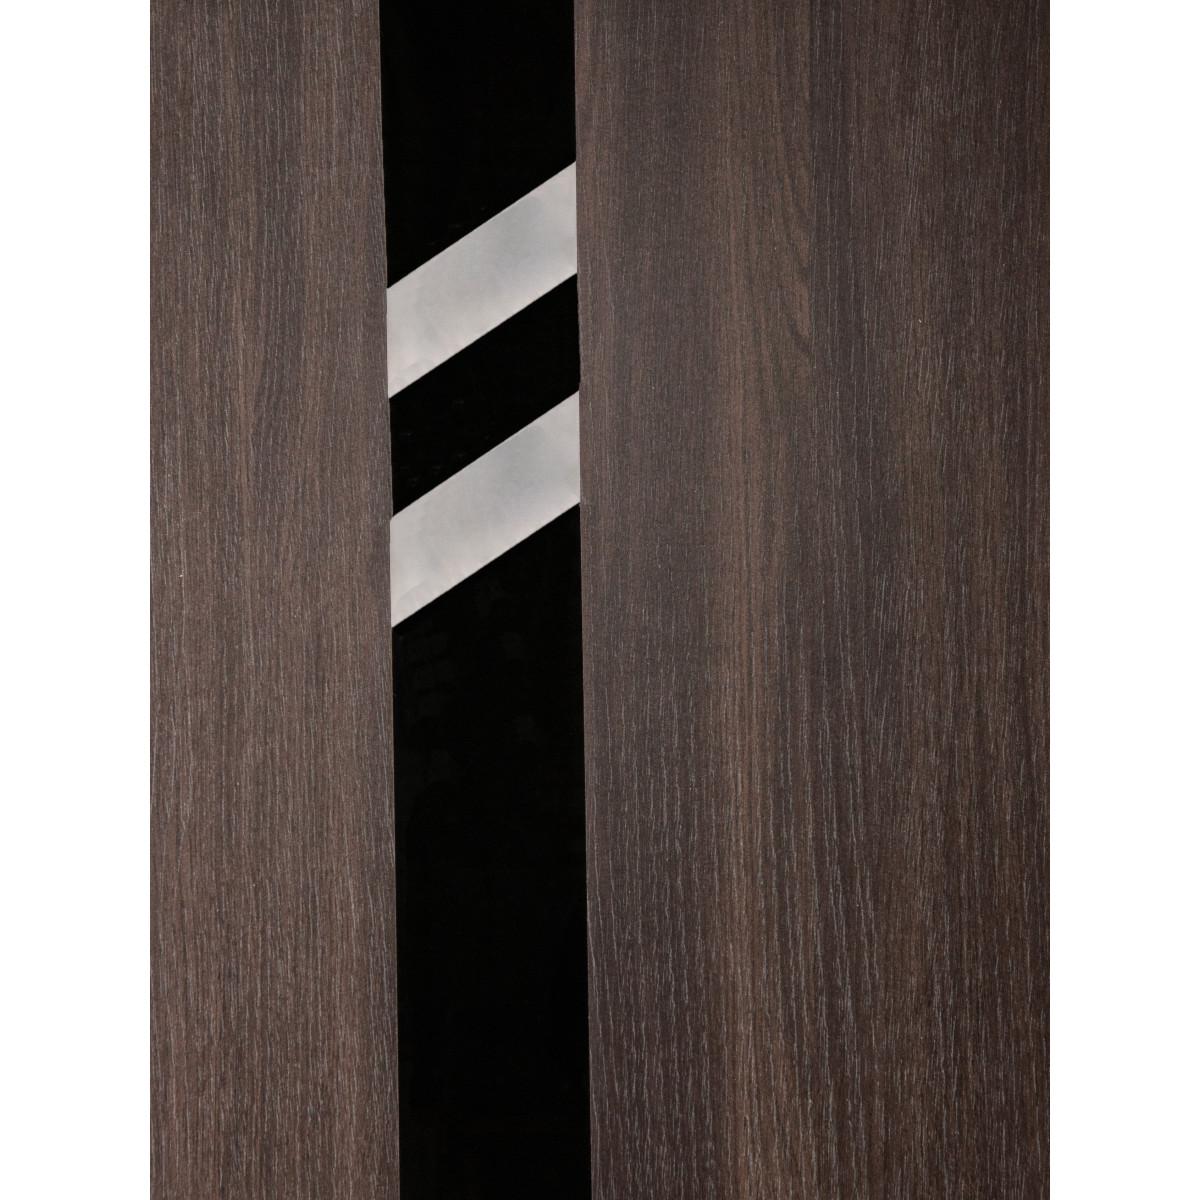 Дверь Межкомнатная Глухая С Замком И Петлями В Комплекте Мирра 80x200 Hardflex Цвет Дуб Кастелло